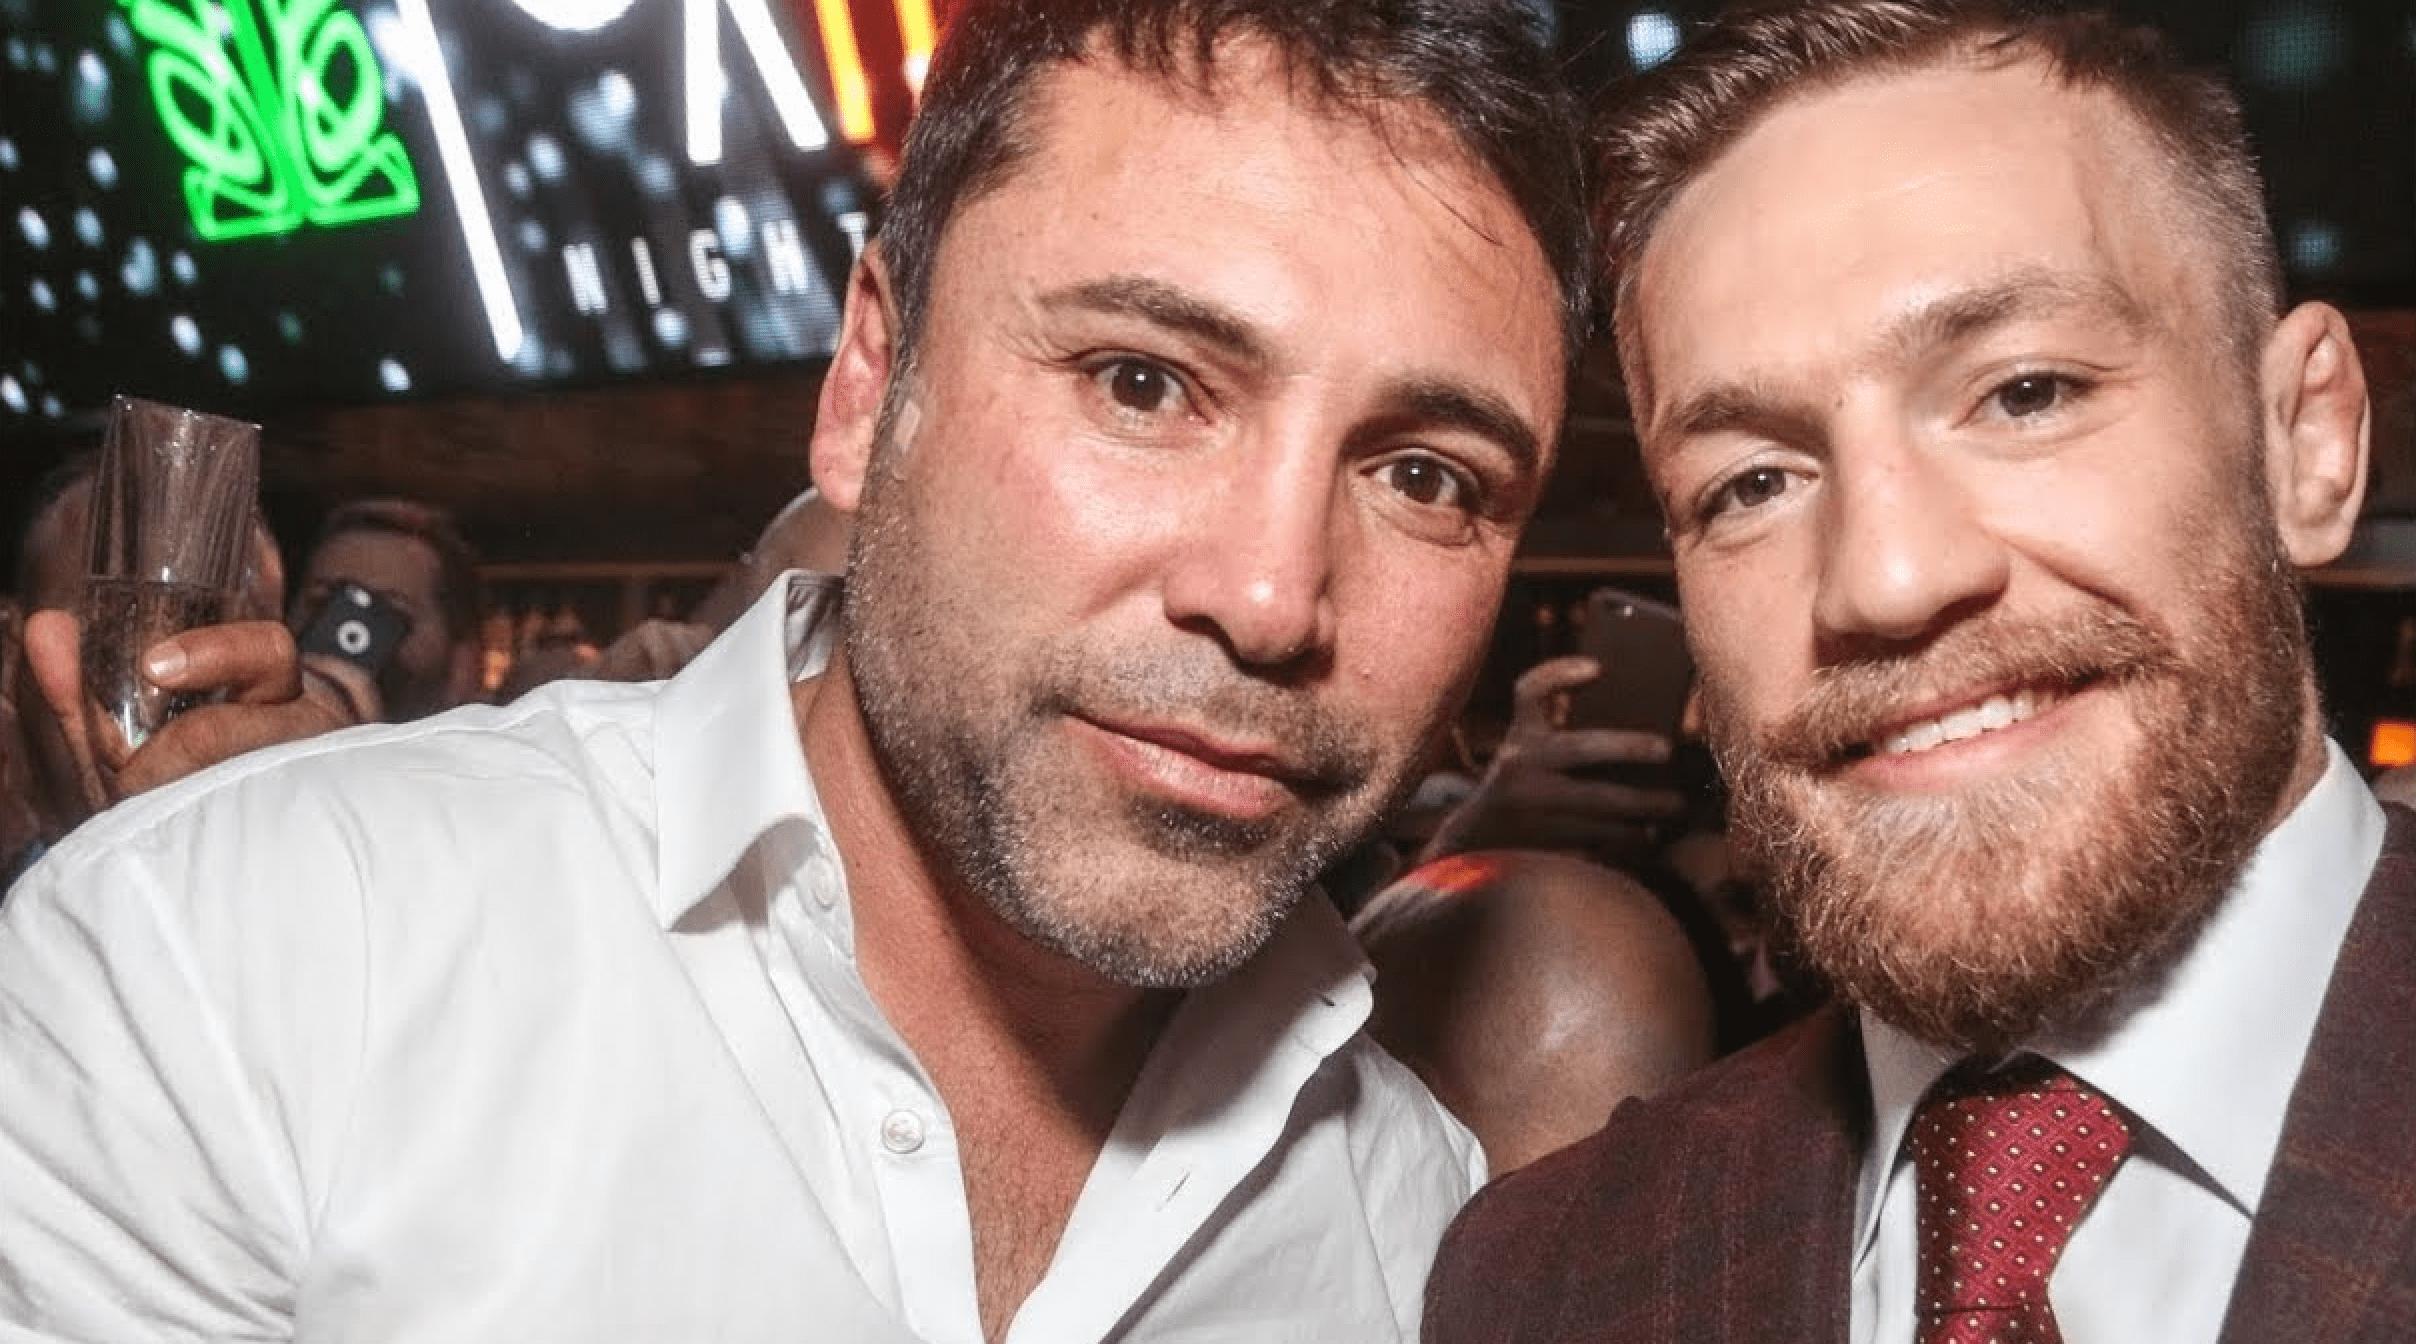 RIZIN In Talks With Conor McGregor & Oscar De La Hoya For NYE Show